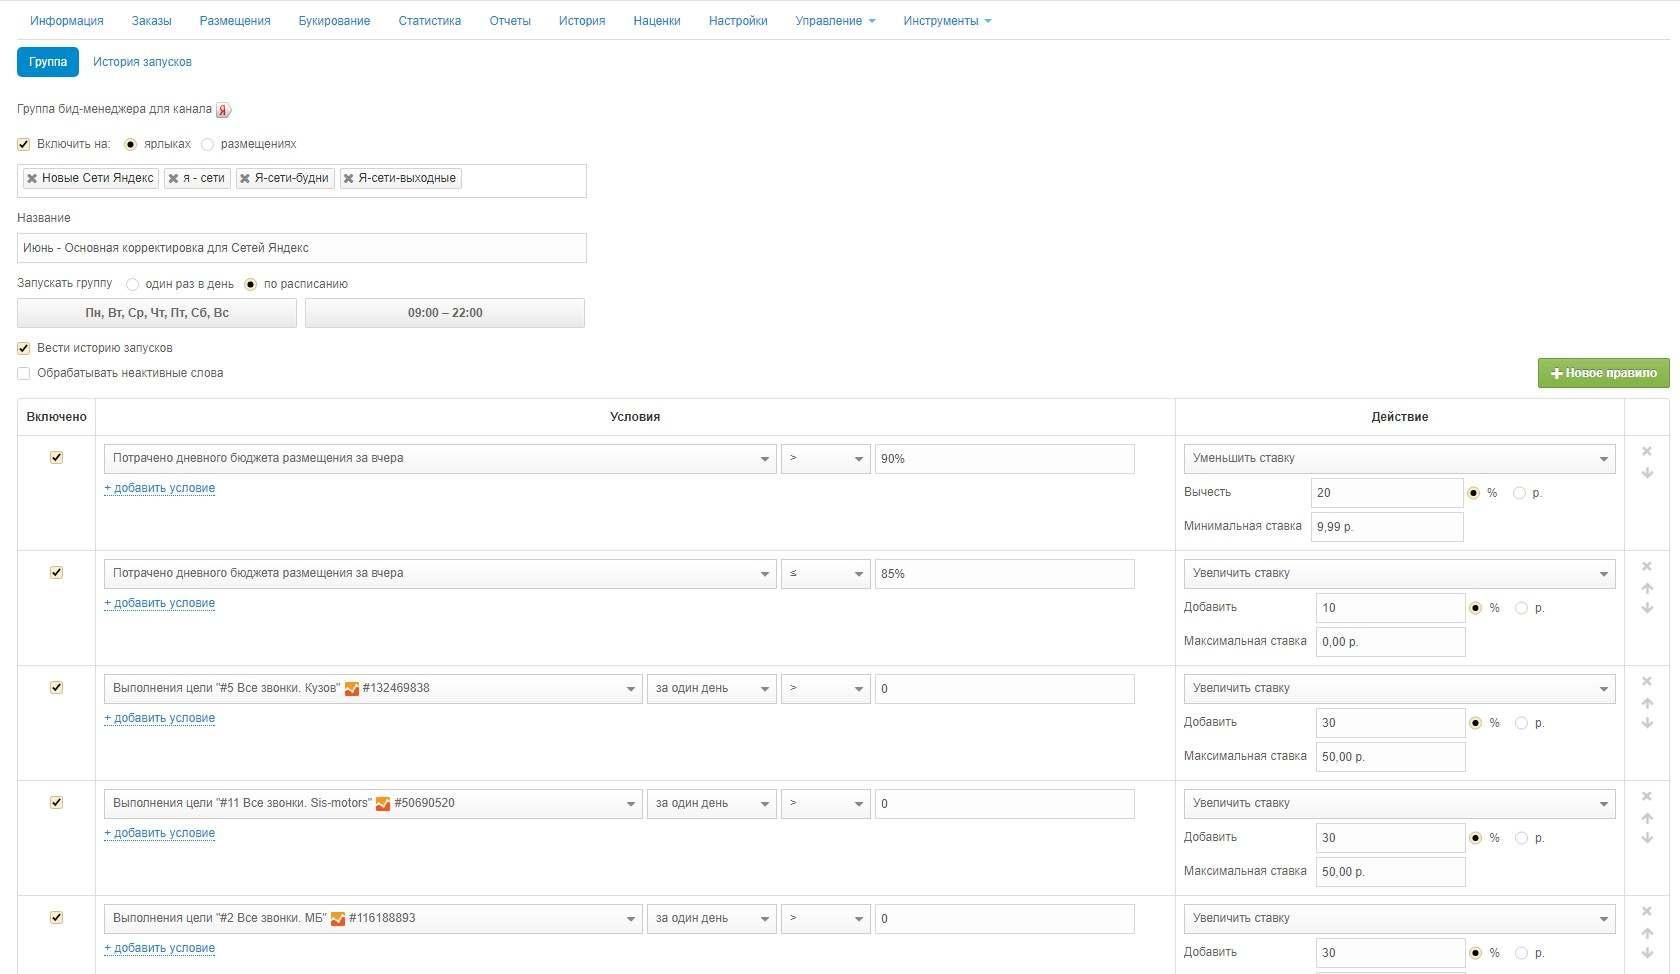 Рабочий скрин из Мерлина: наш специалист по контекстной рекламе настроил систему так, что она автоматически контролирует цену клика на основе собранной статистики